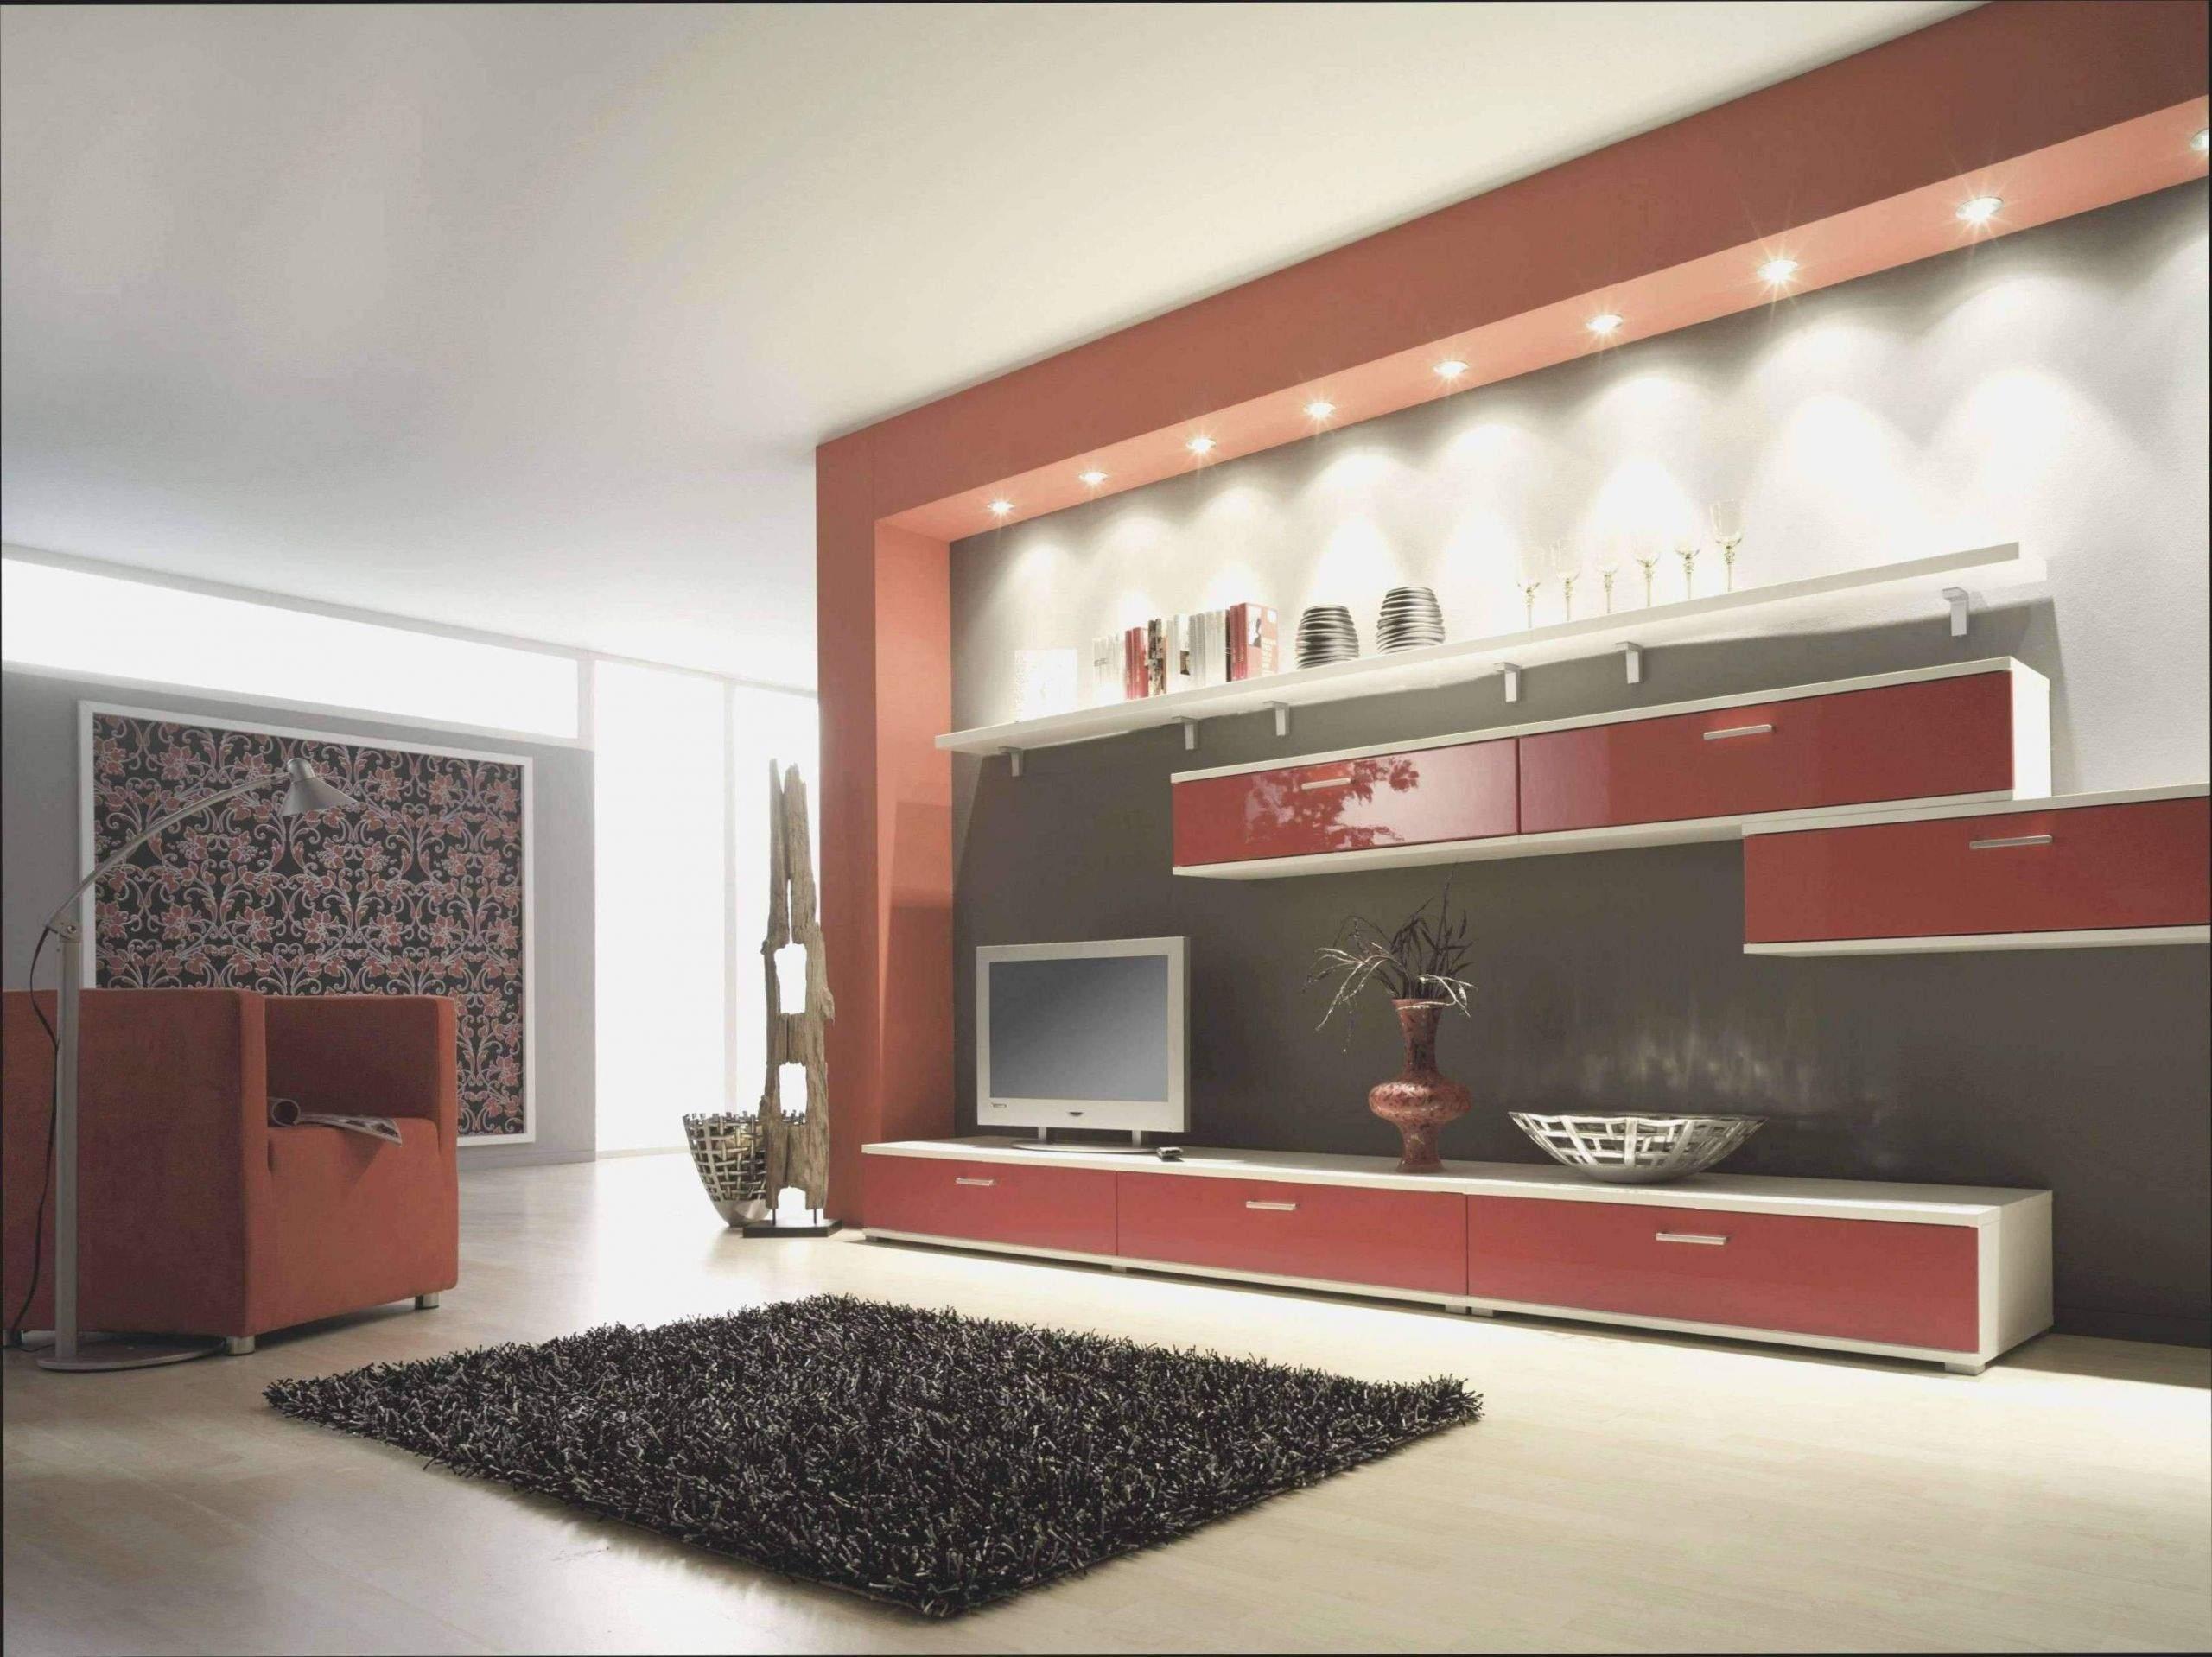 wohnzimmer hannover neu verruckte wohnzimmer ideen elegant of wohnzimmer hannover scaled